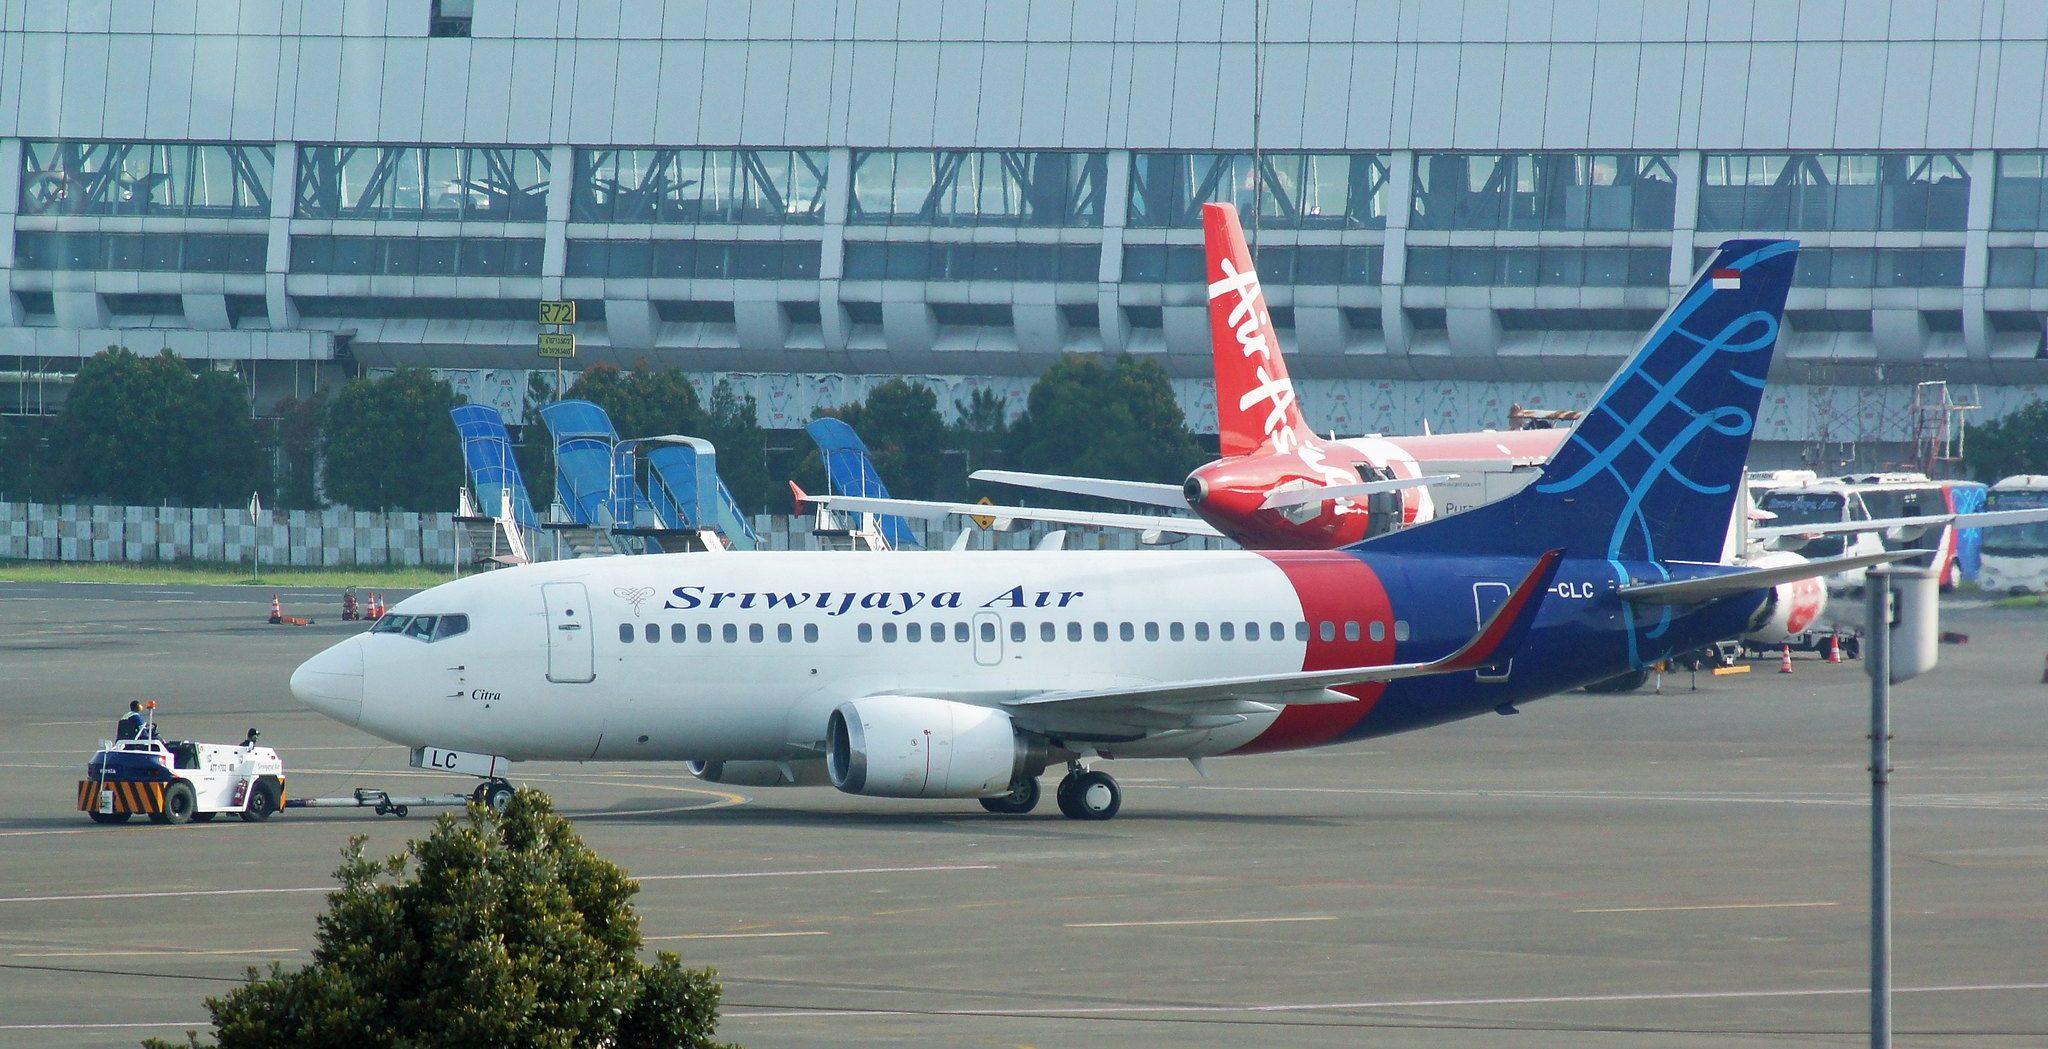 Boeing 737-524, da linha aérea Sriwajaya. Foto: Reprodução/Flicker